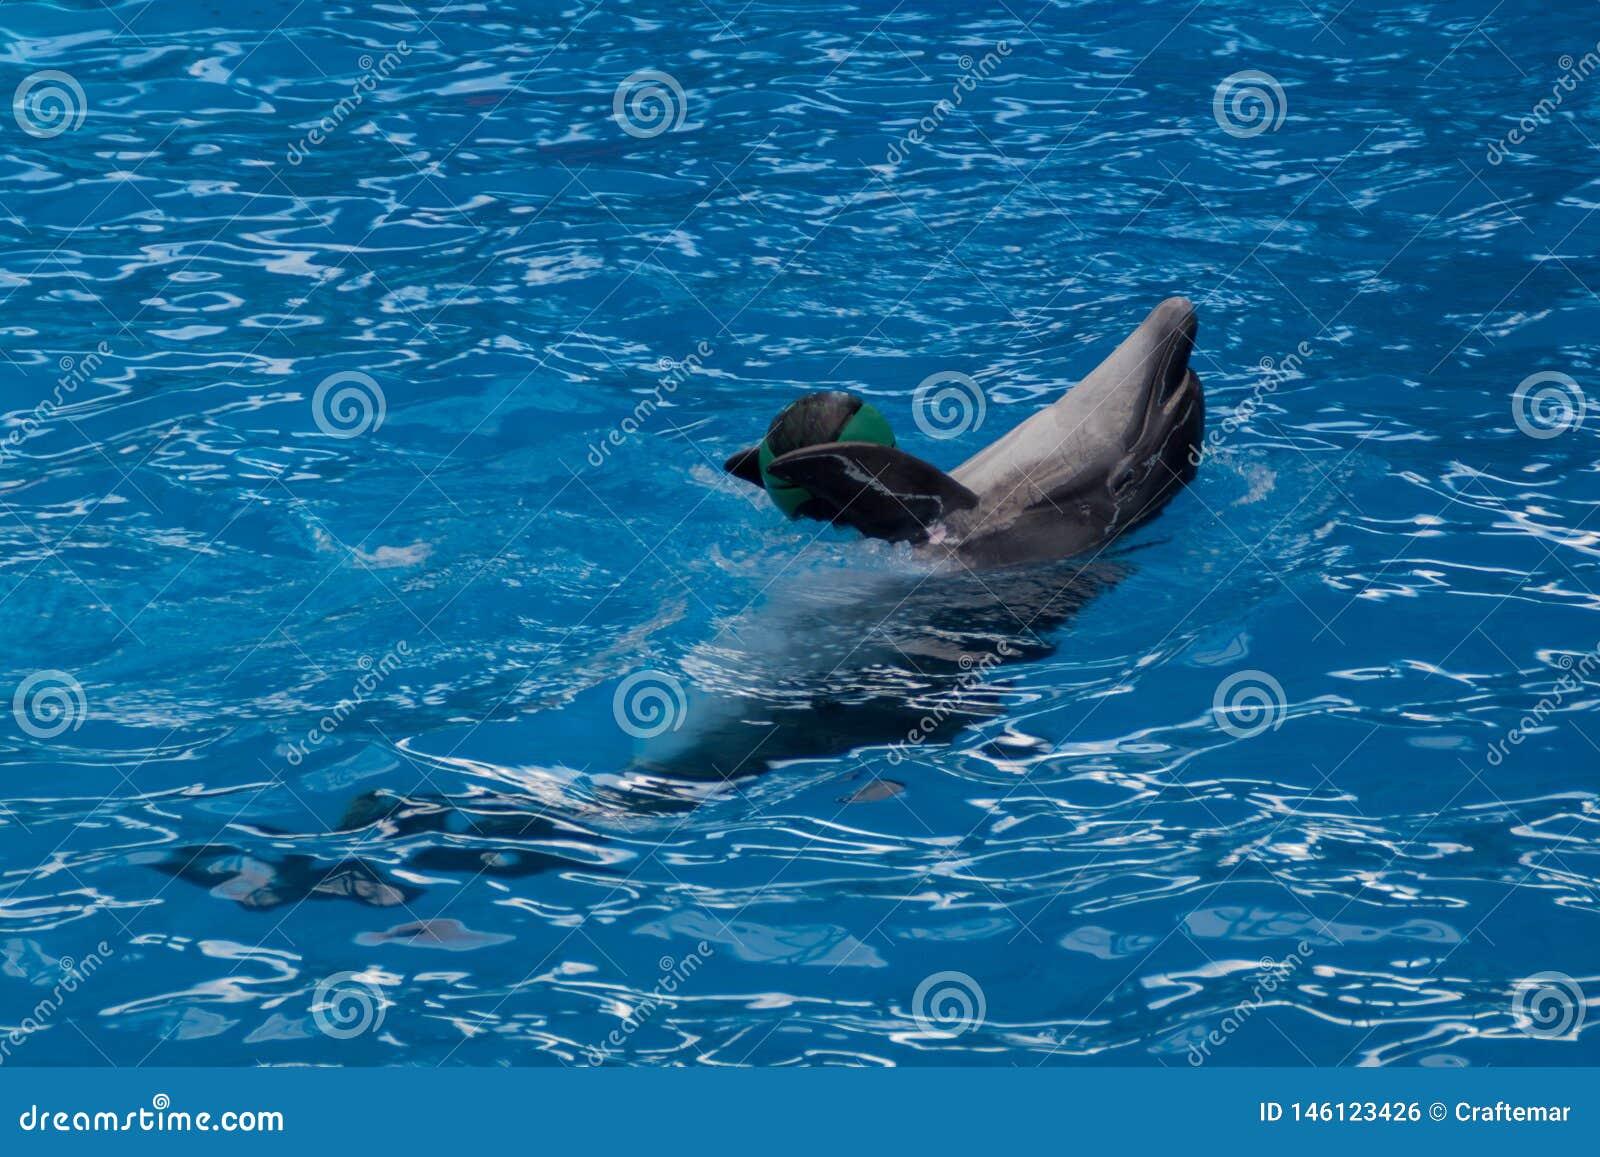 Opgeleide dolfijn in het aquarium, dolphinariums Toon met dolfijnen Dolfijn het spelen met een bal de trainerwerken met opgeleid